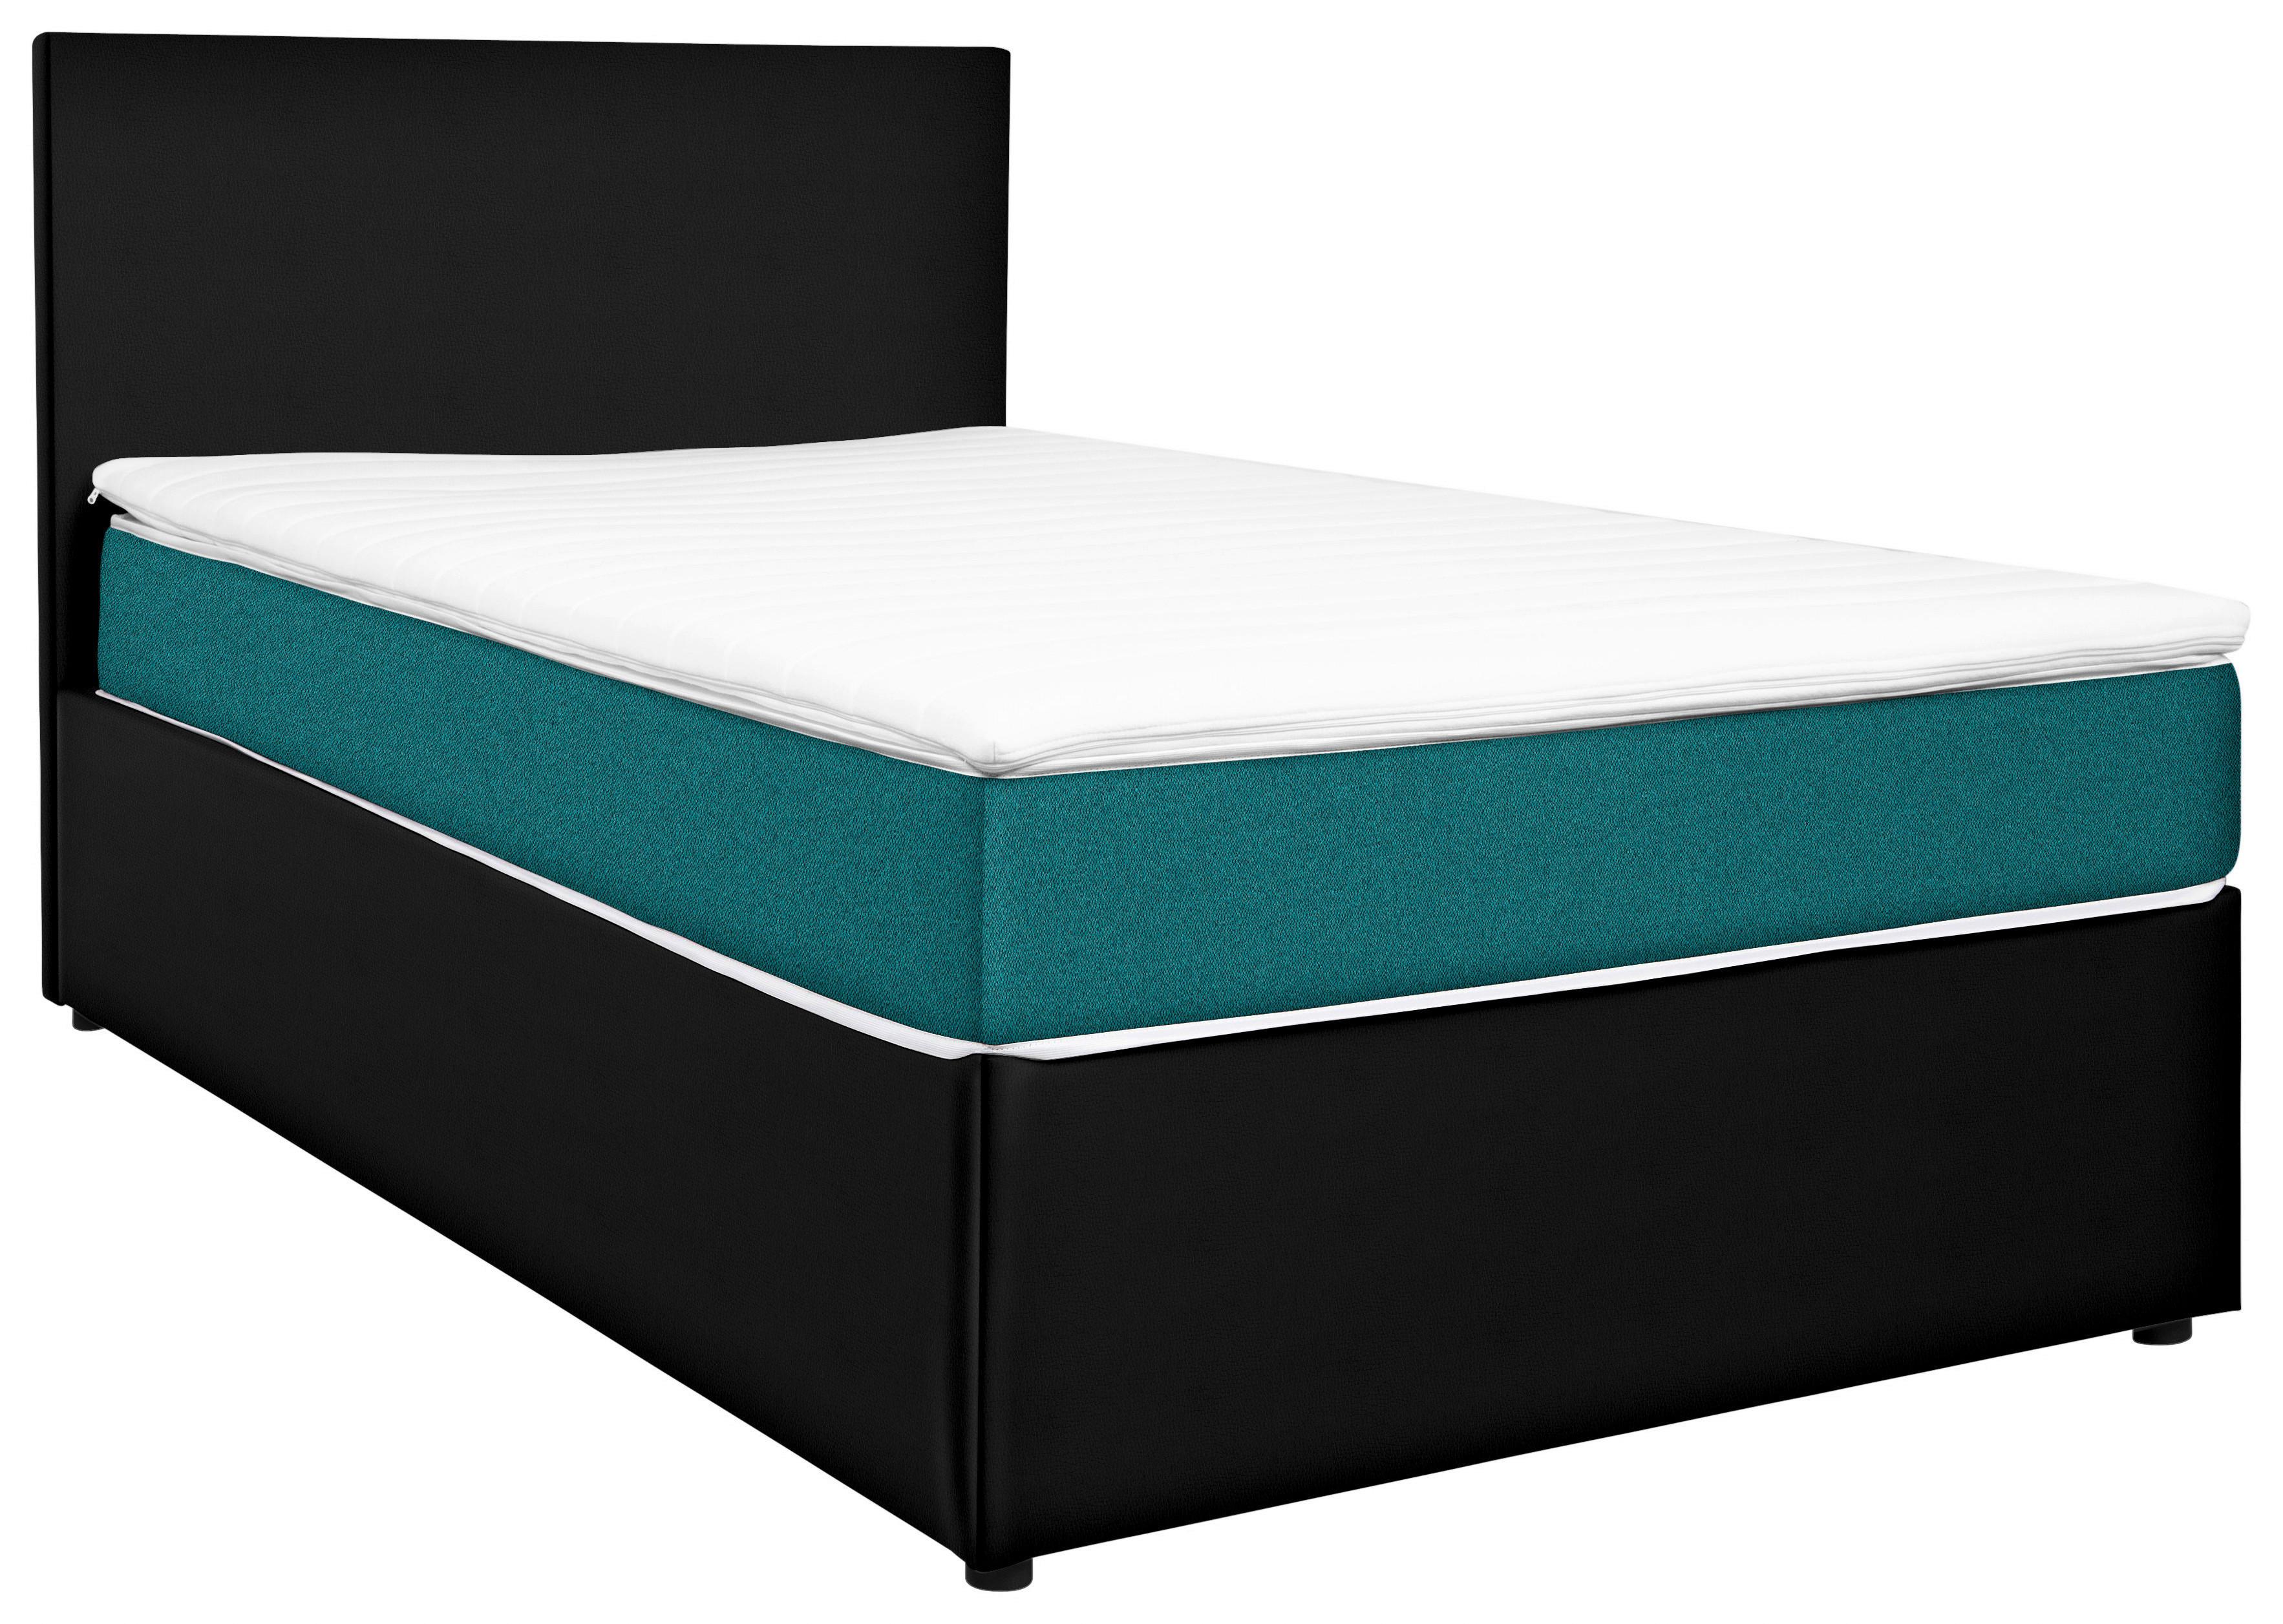 Levně Carryhome POSTEL BOX, 160/200 cm, textil, kompozitní dřevo, černá, tyrkysová - černá, tyrkysová